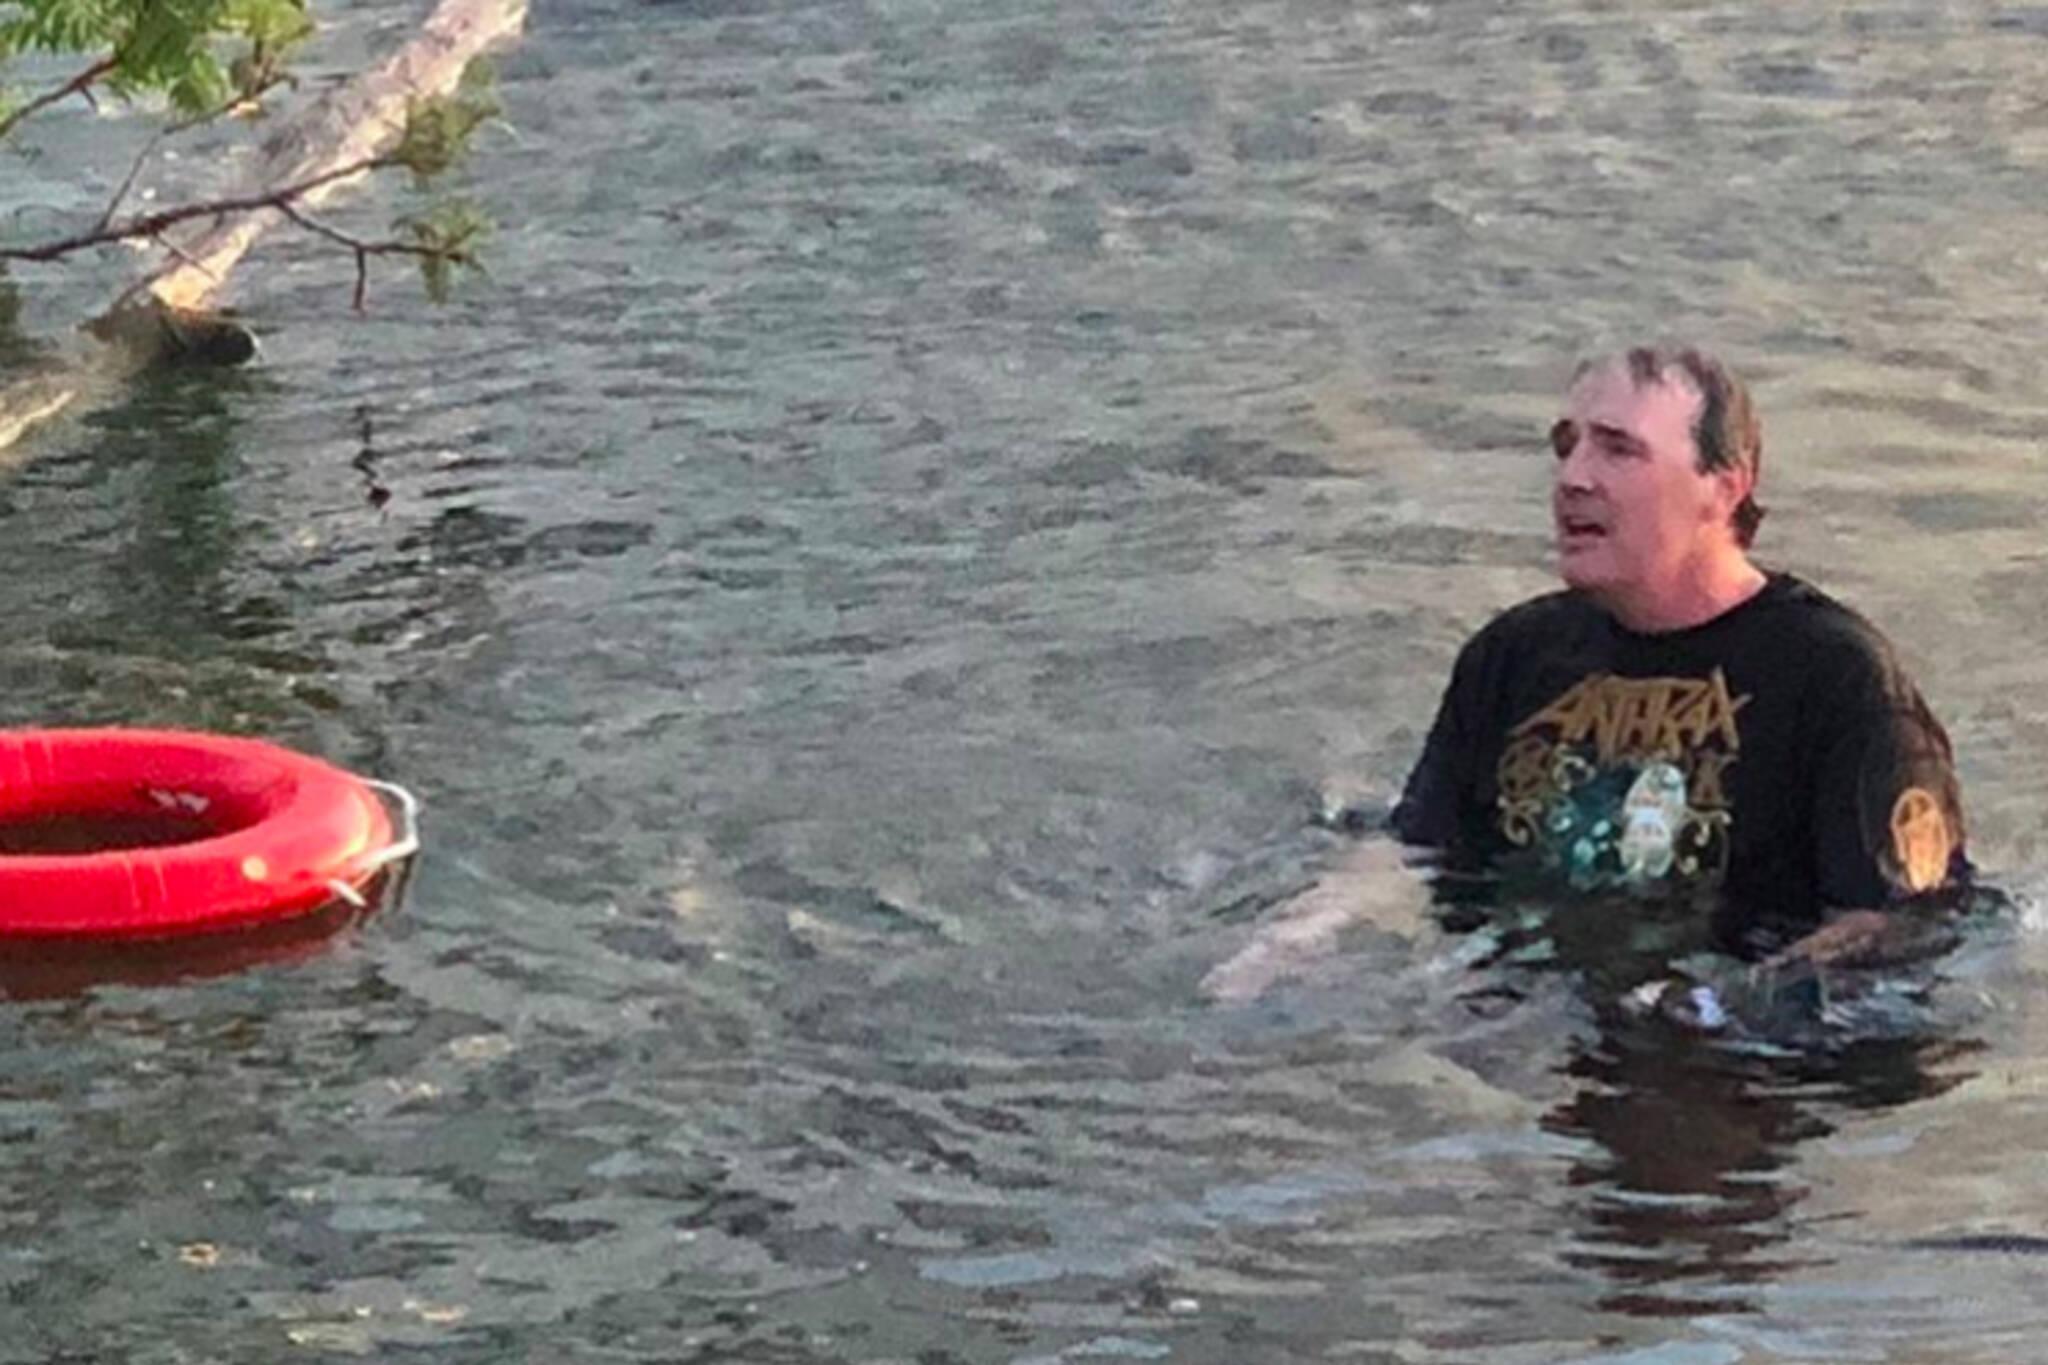 Slayer fan swims